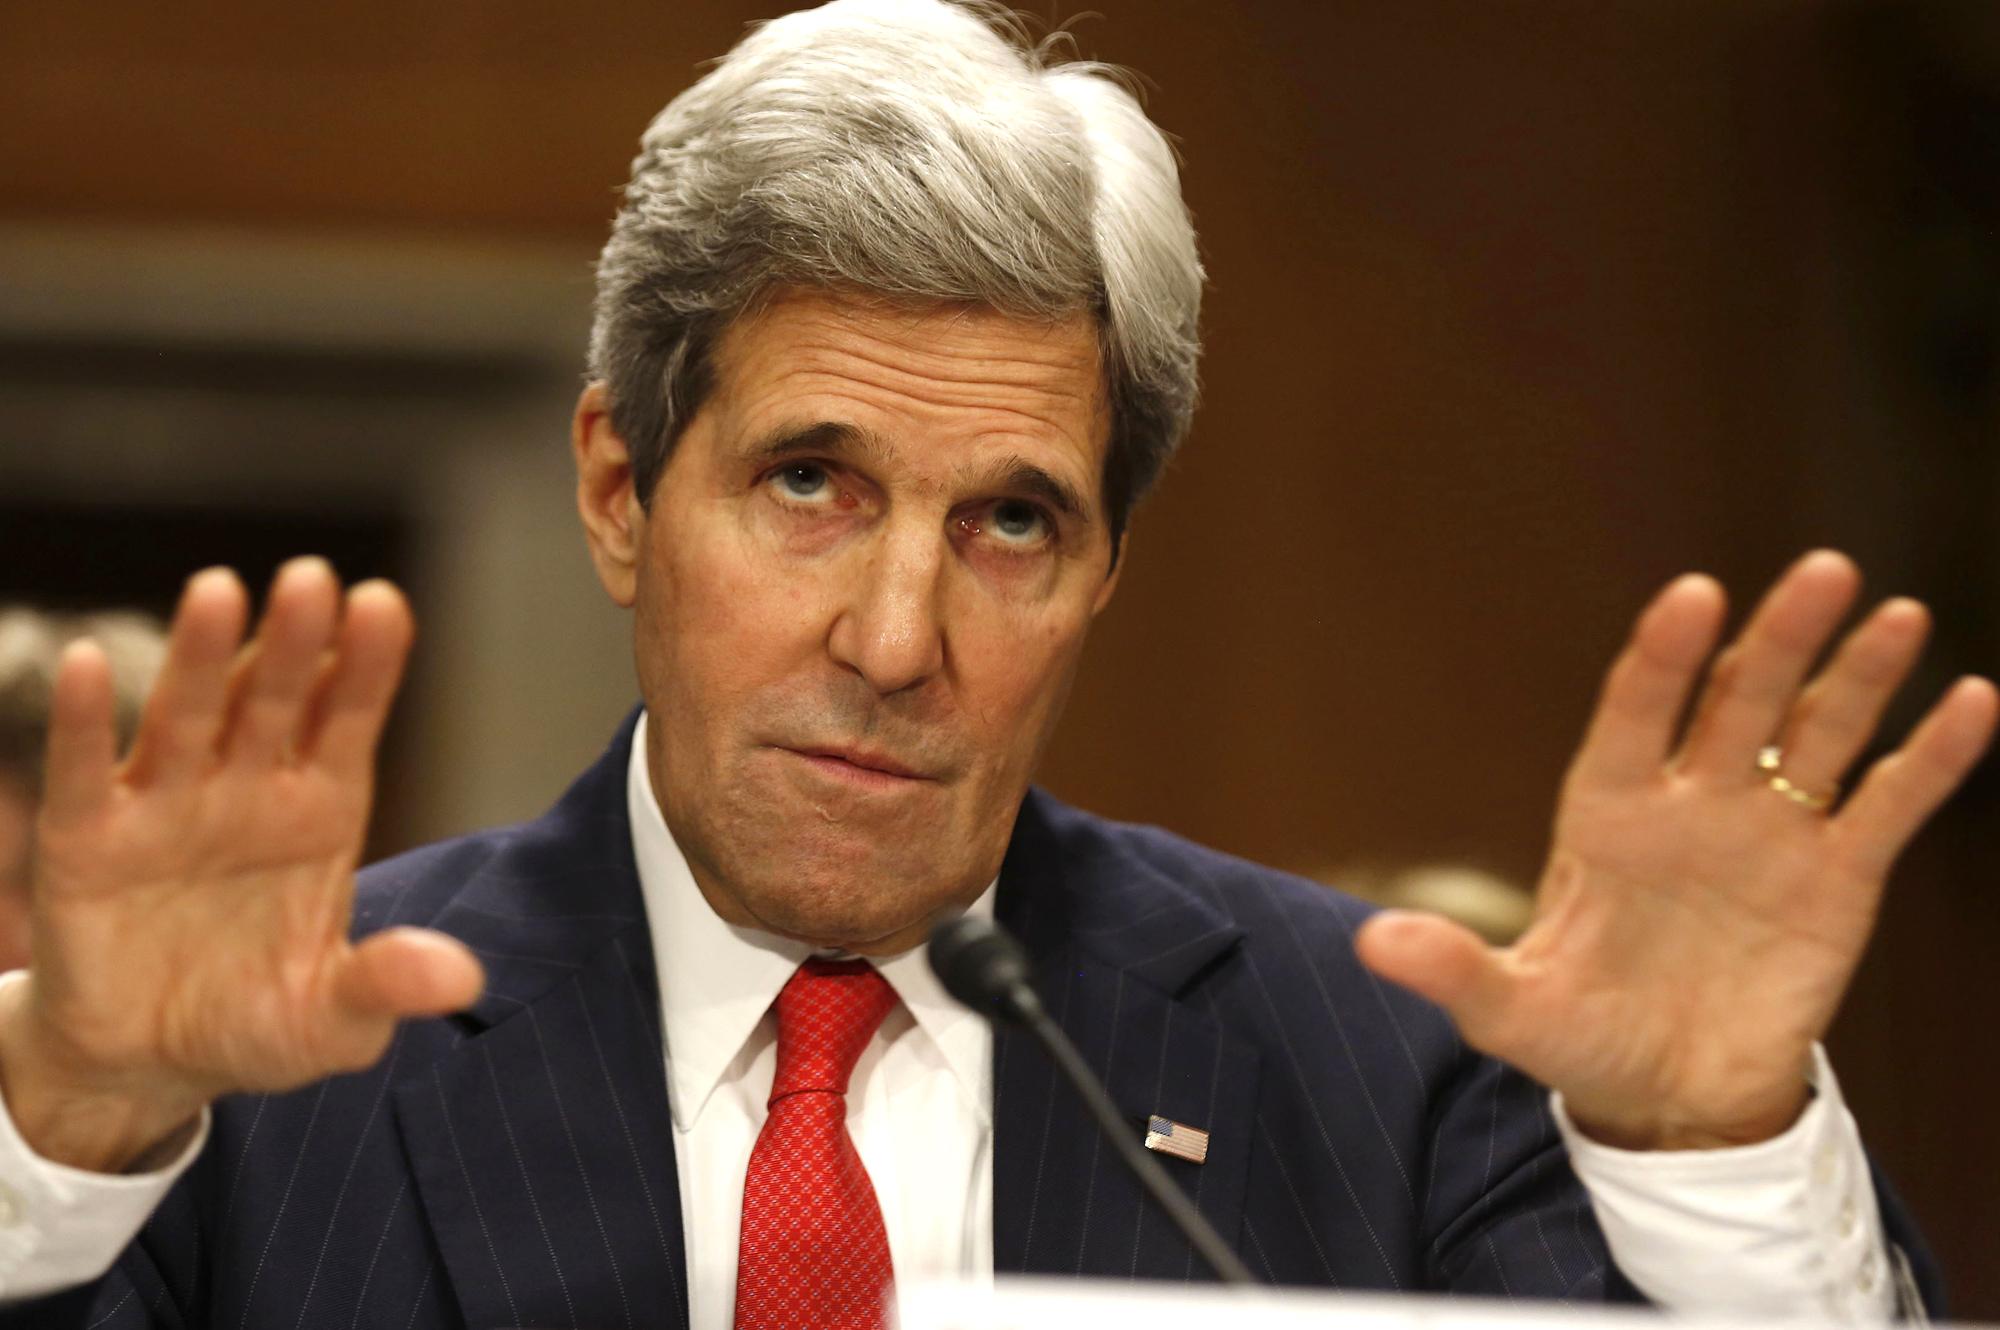 Shtirja dhe propaganda në pritjen e Sekretarit Kerry – Koment